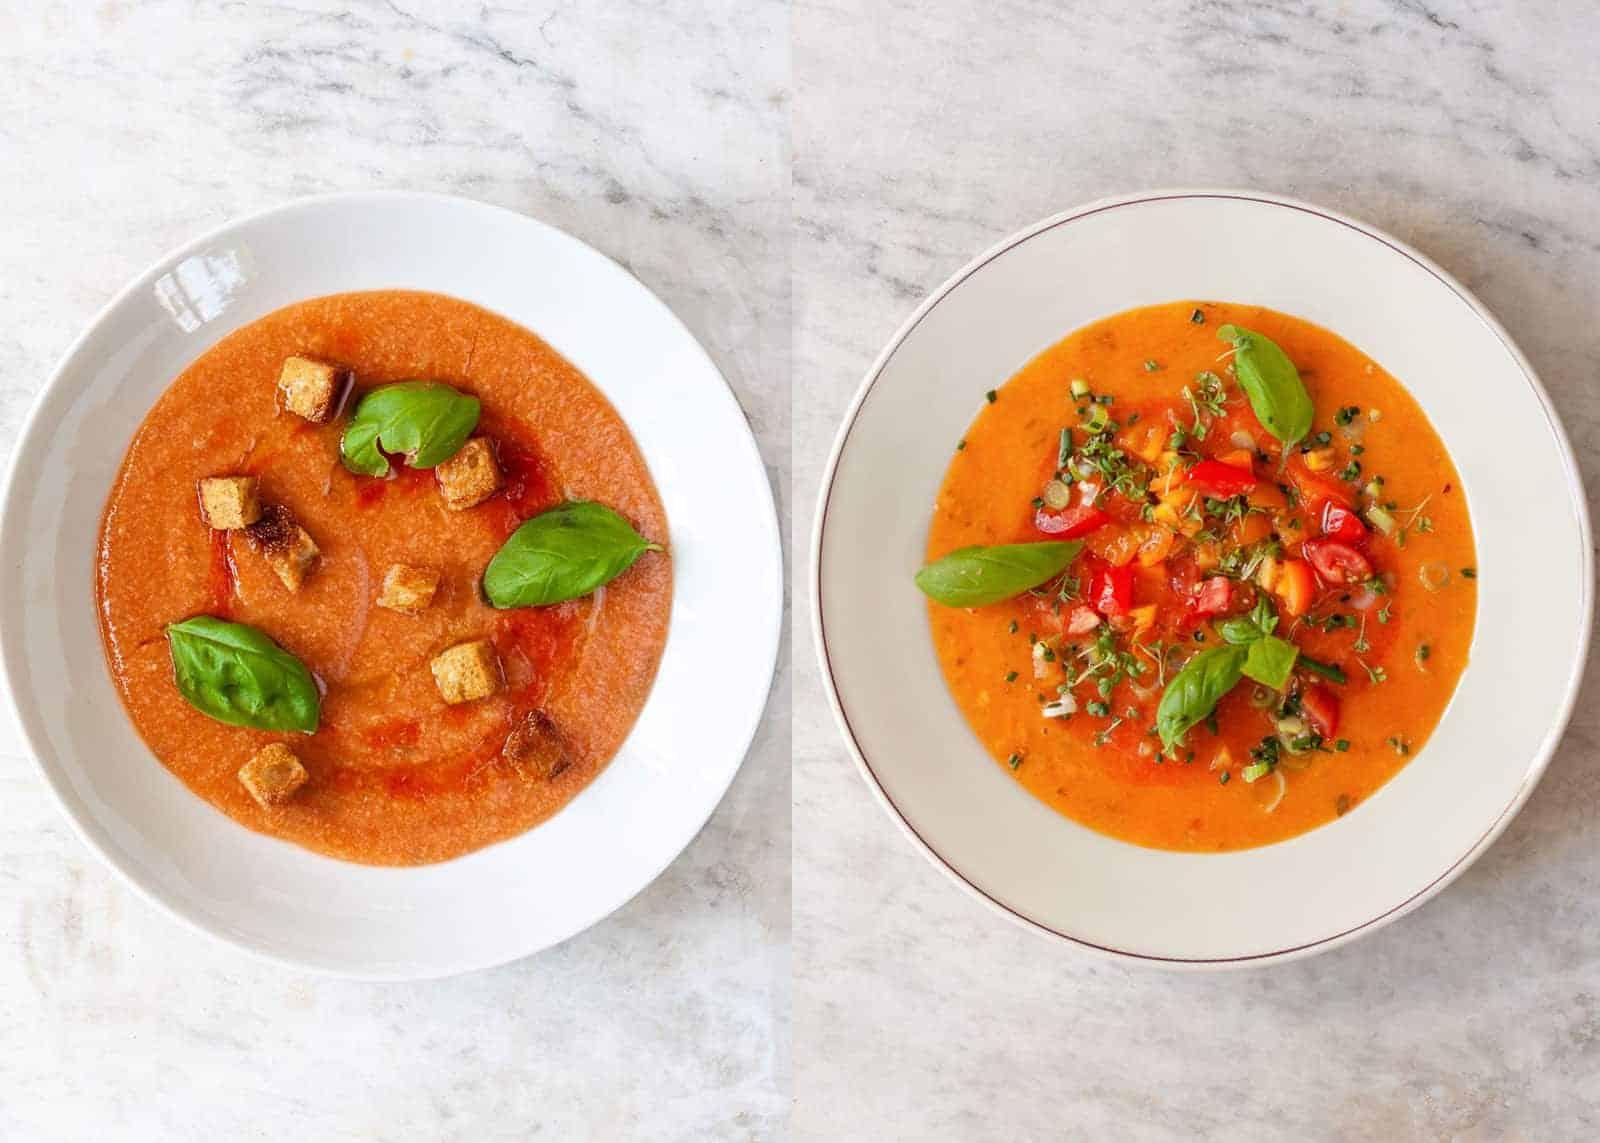 La pappa al pomodoro. Florentine tomato soup - recipe